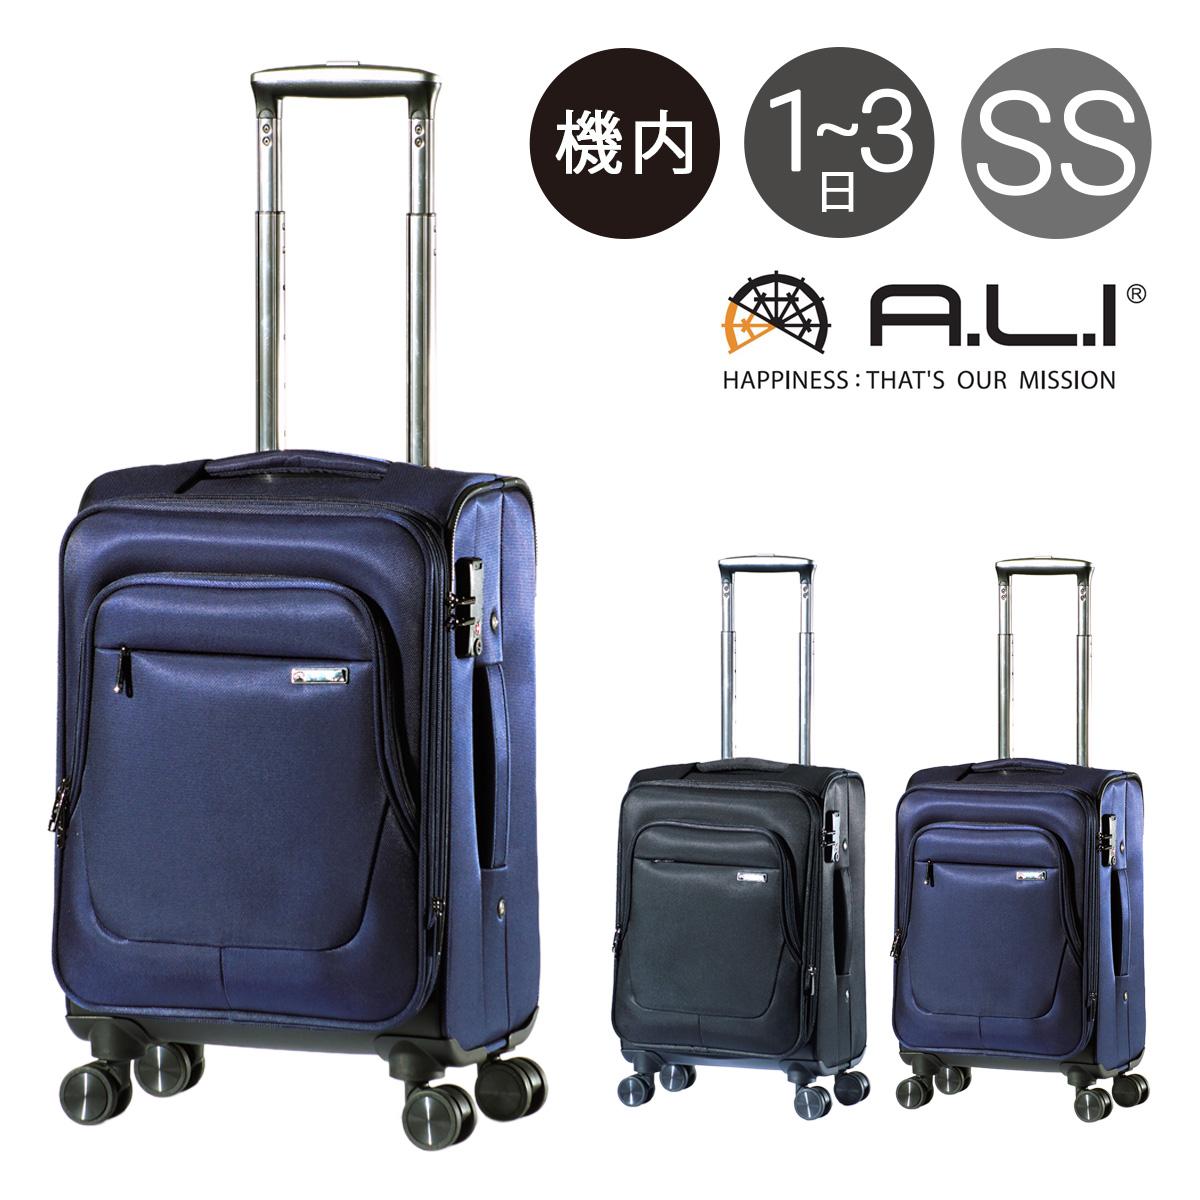 アジアラゲージ スーツケース 機内持ち込み 39L 44.5cm 3.4kg ALK-7020-18 A.L.I|ソフト キャリーバッグ キャリーケース フロントオープン 拡張 TSAロック搭載